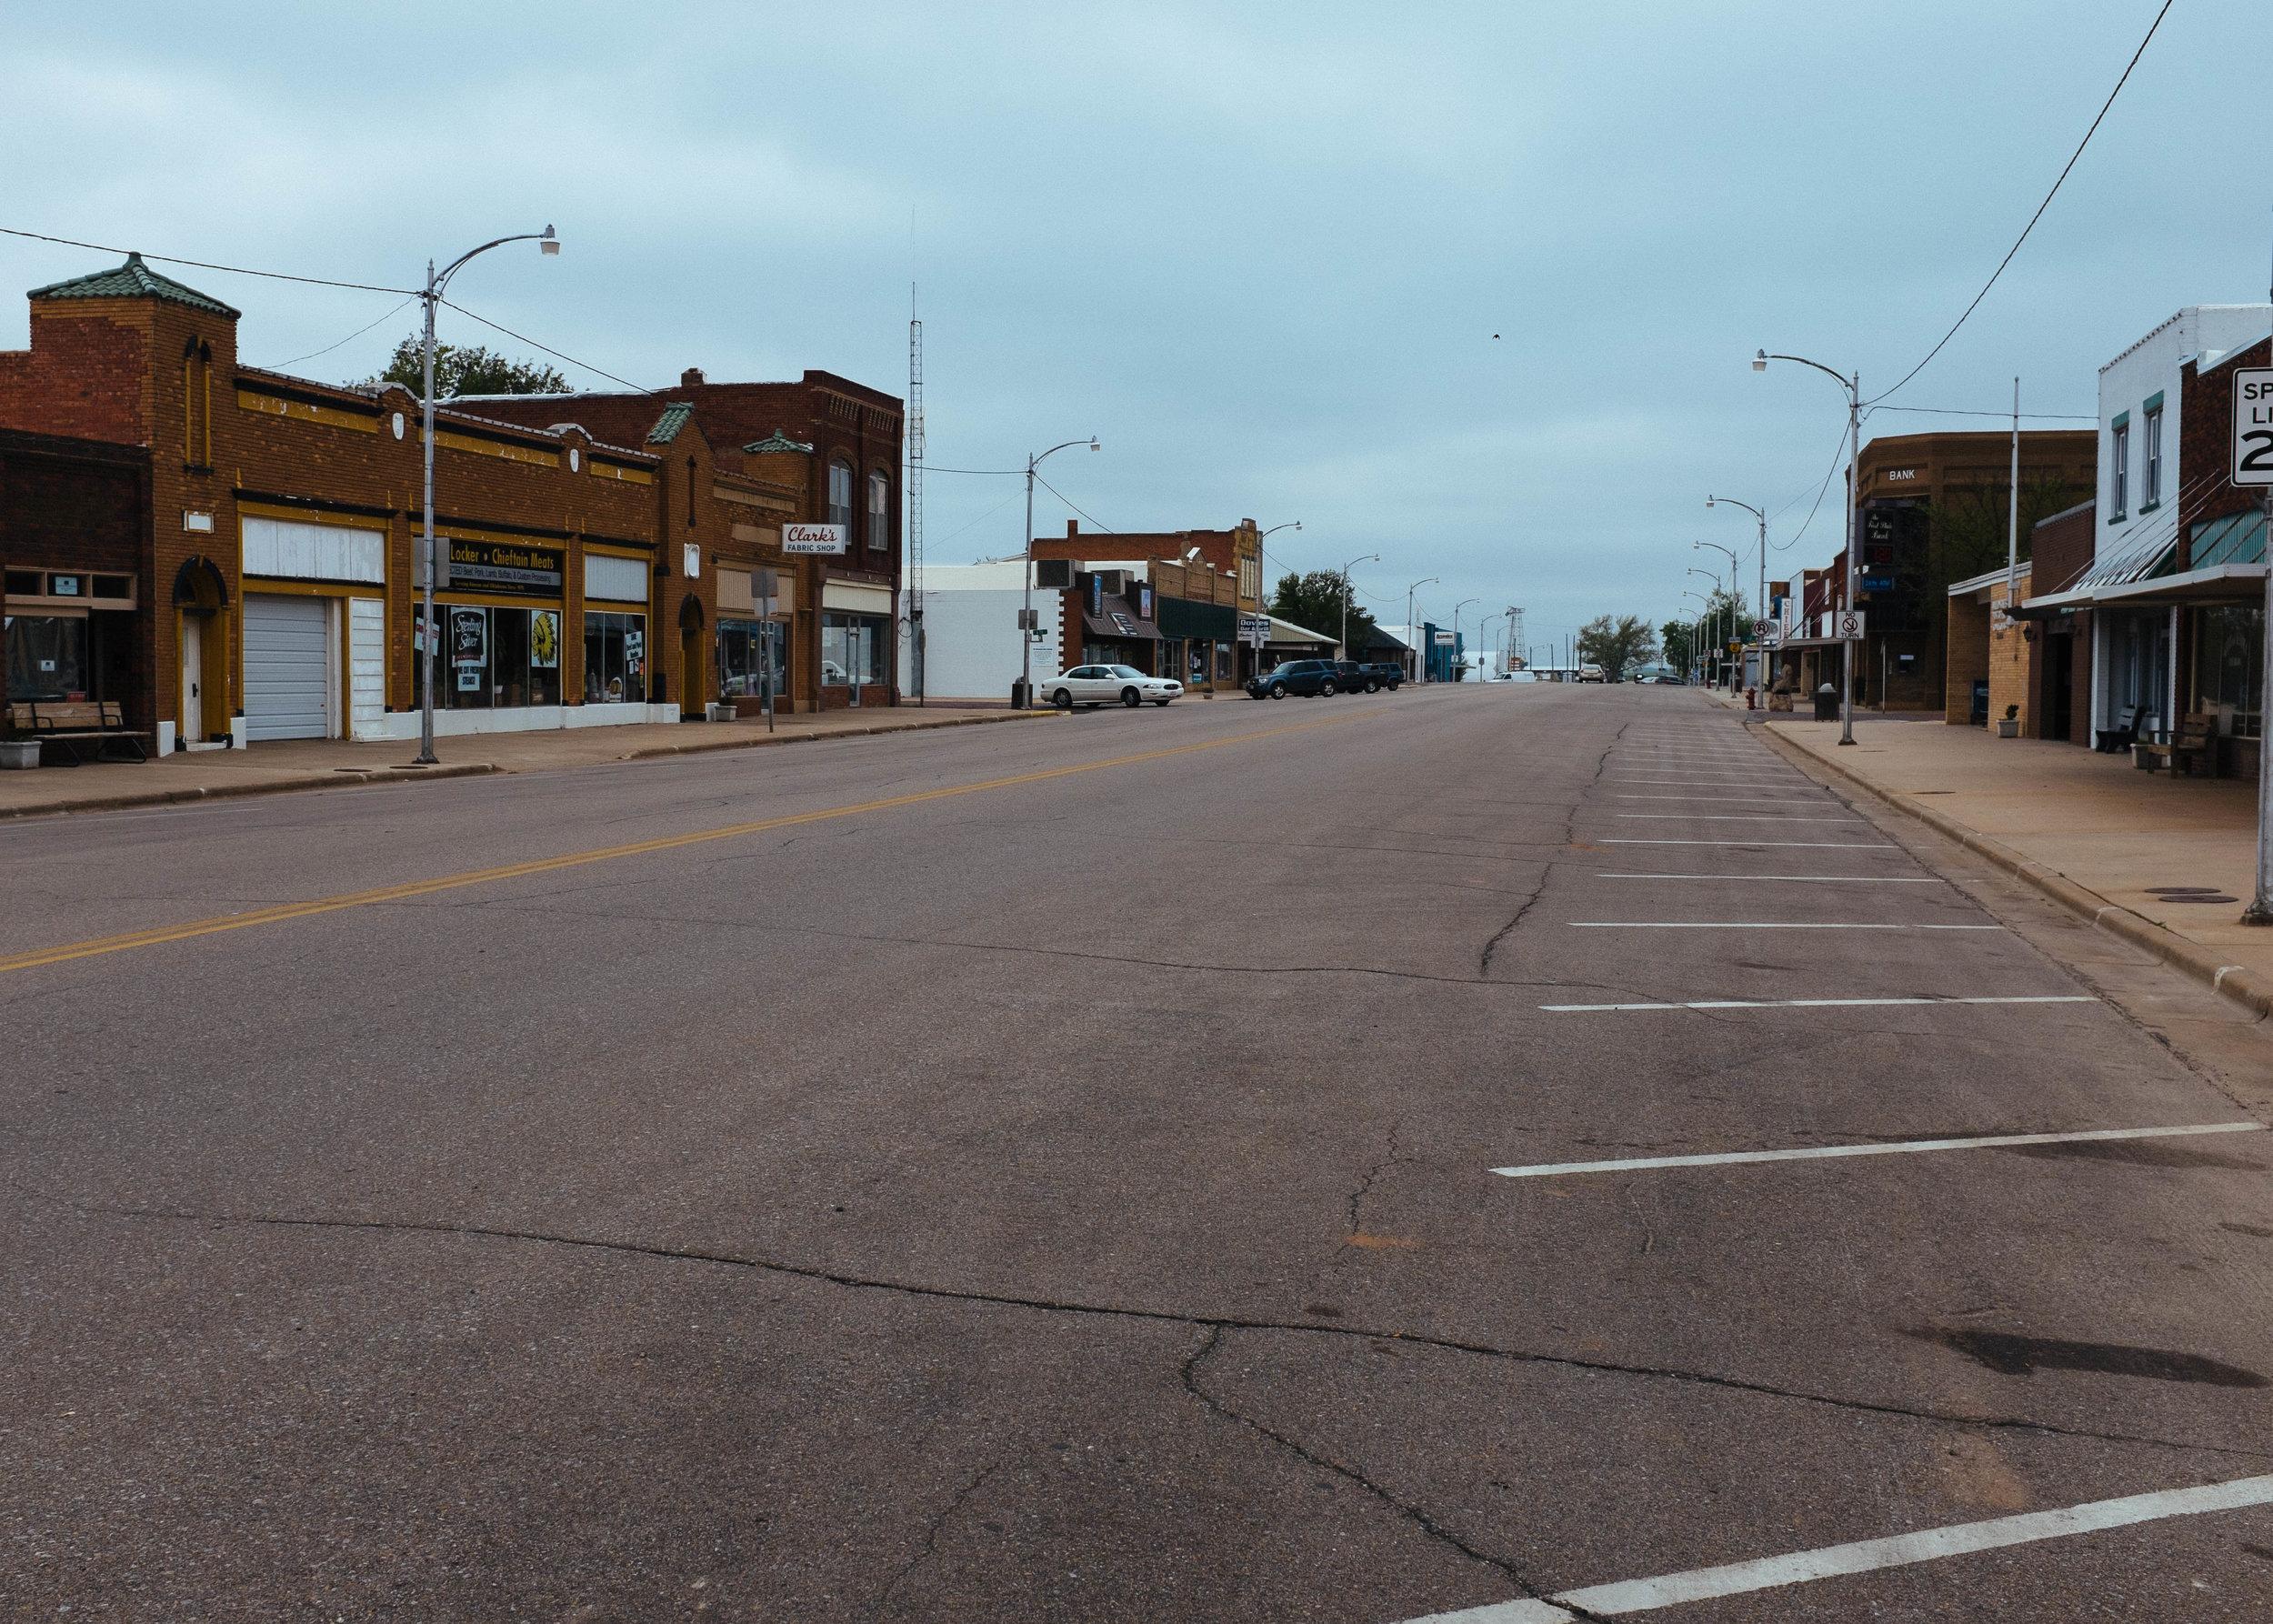 Kansas Travels_04-26-15-32.jpg